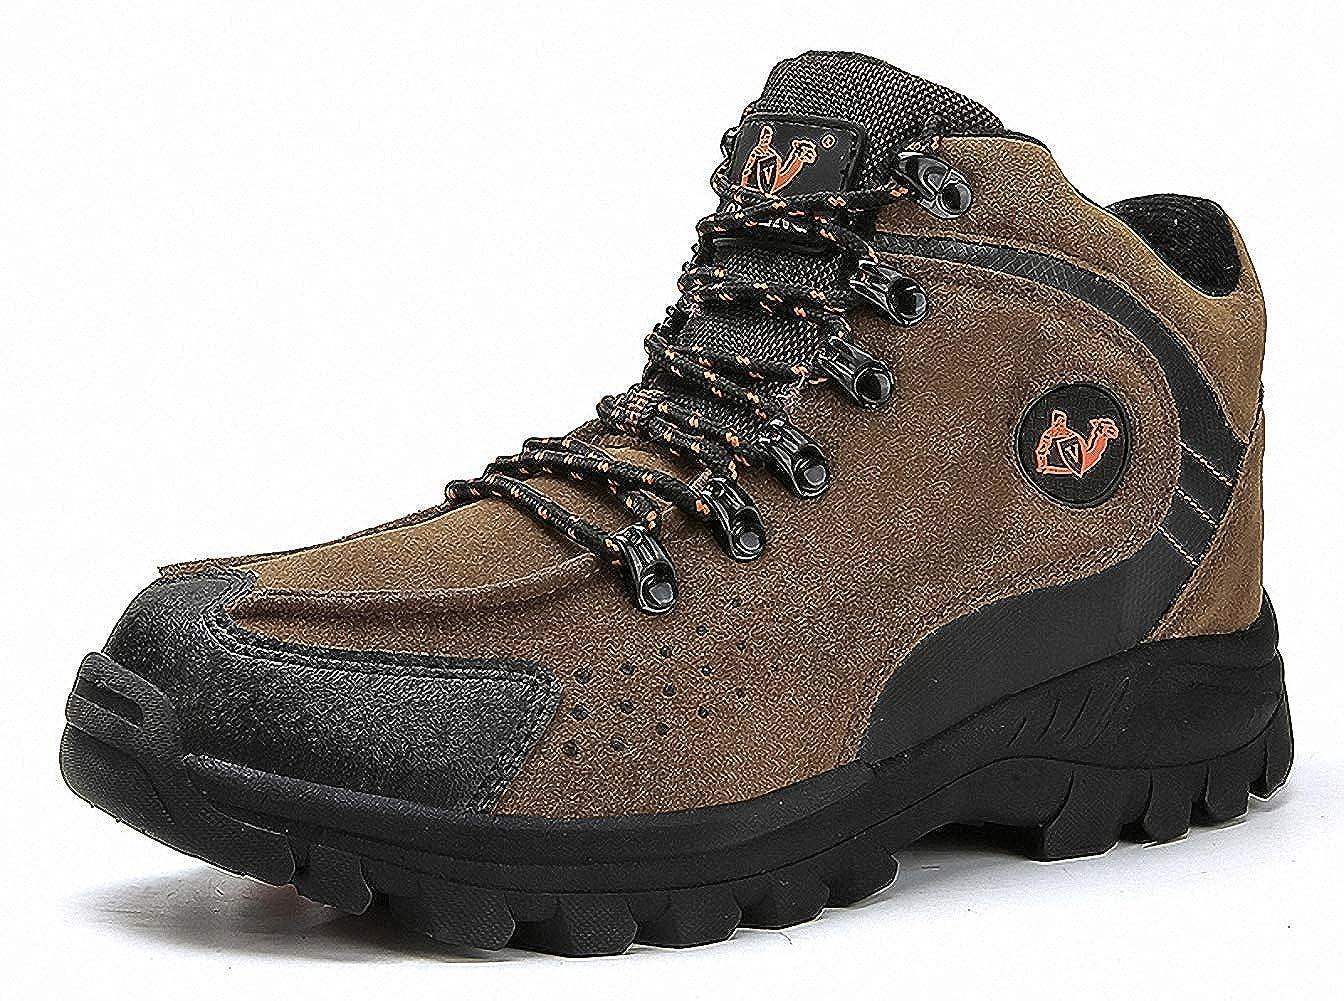 fdcc2775a39bd Amazon.com: ZHENZHONG Men's Fashion Trail Hiking Mountain Outdoor ...